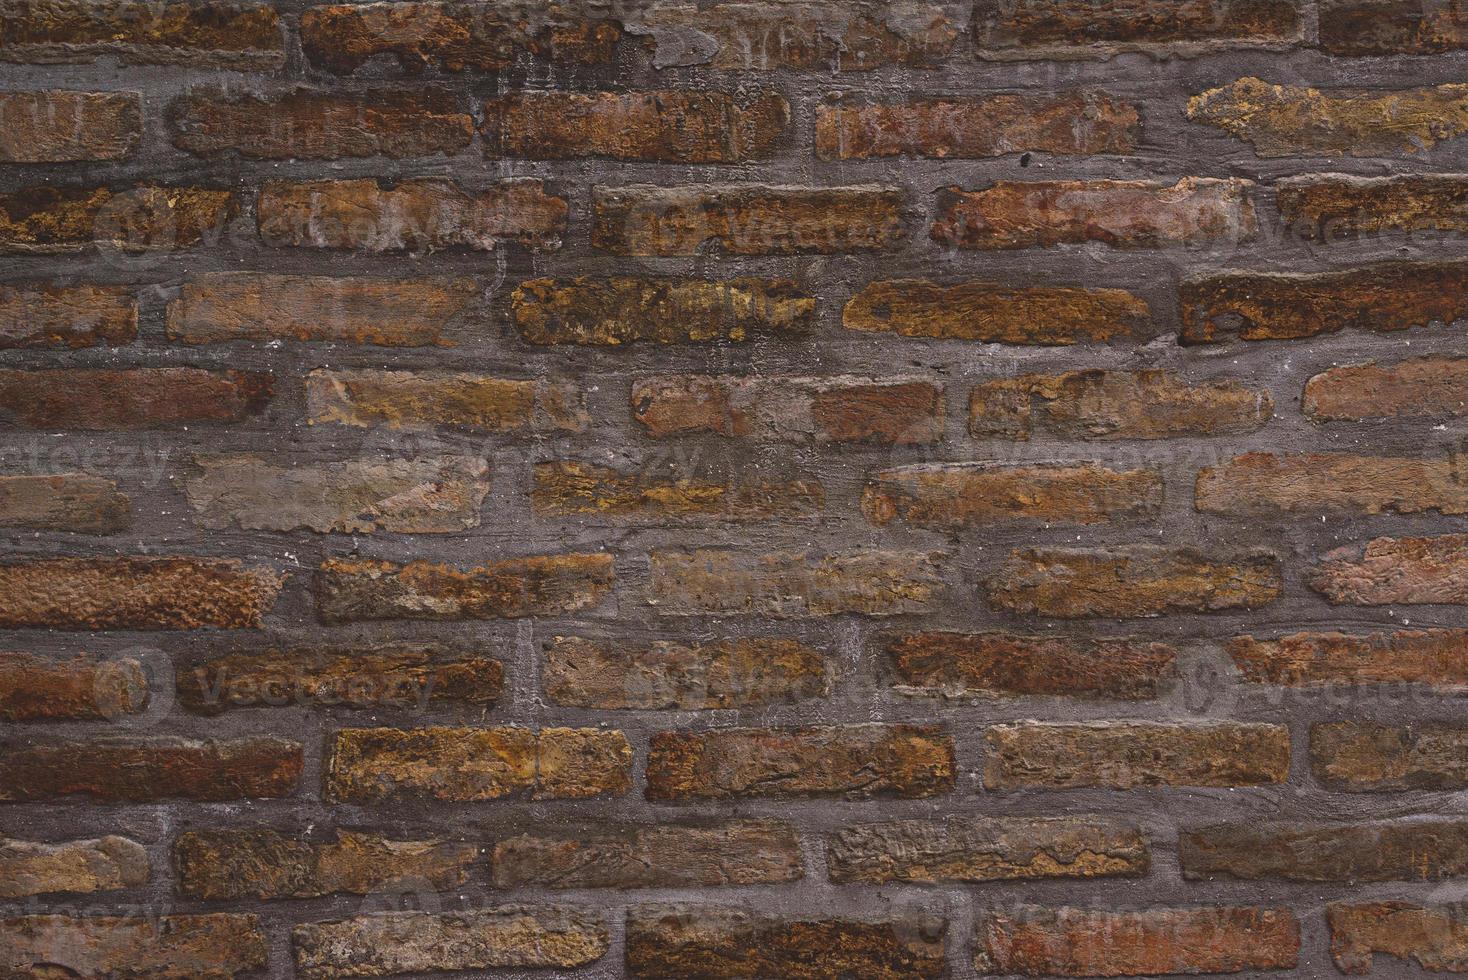 Patrón de fondo de textura de pared de ladrillo antiguo foto